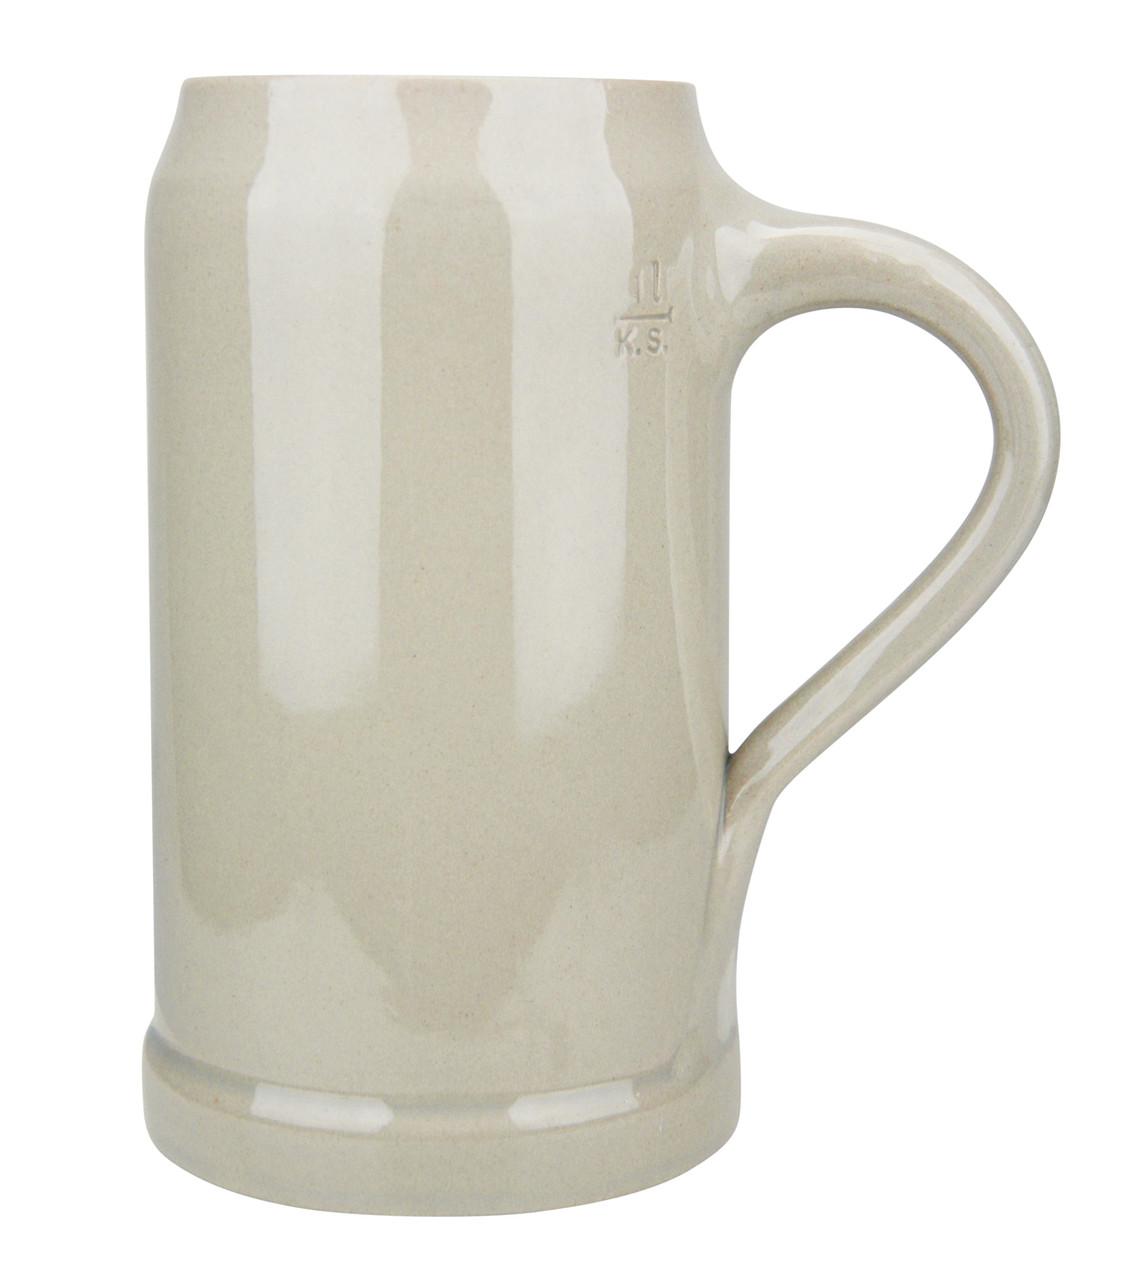 German Stoneware Beer Mug 1 Liter